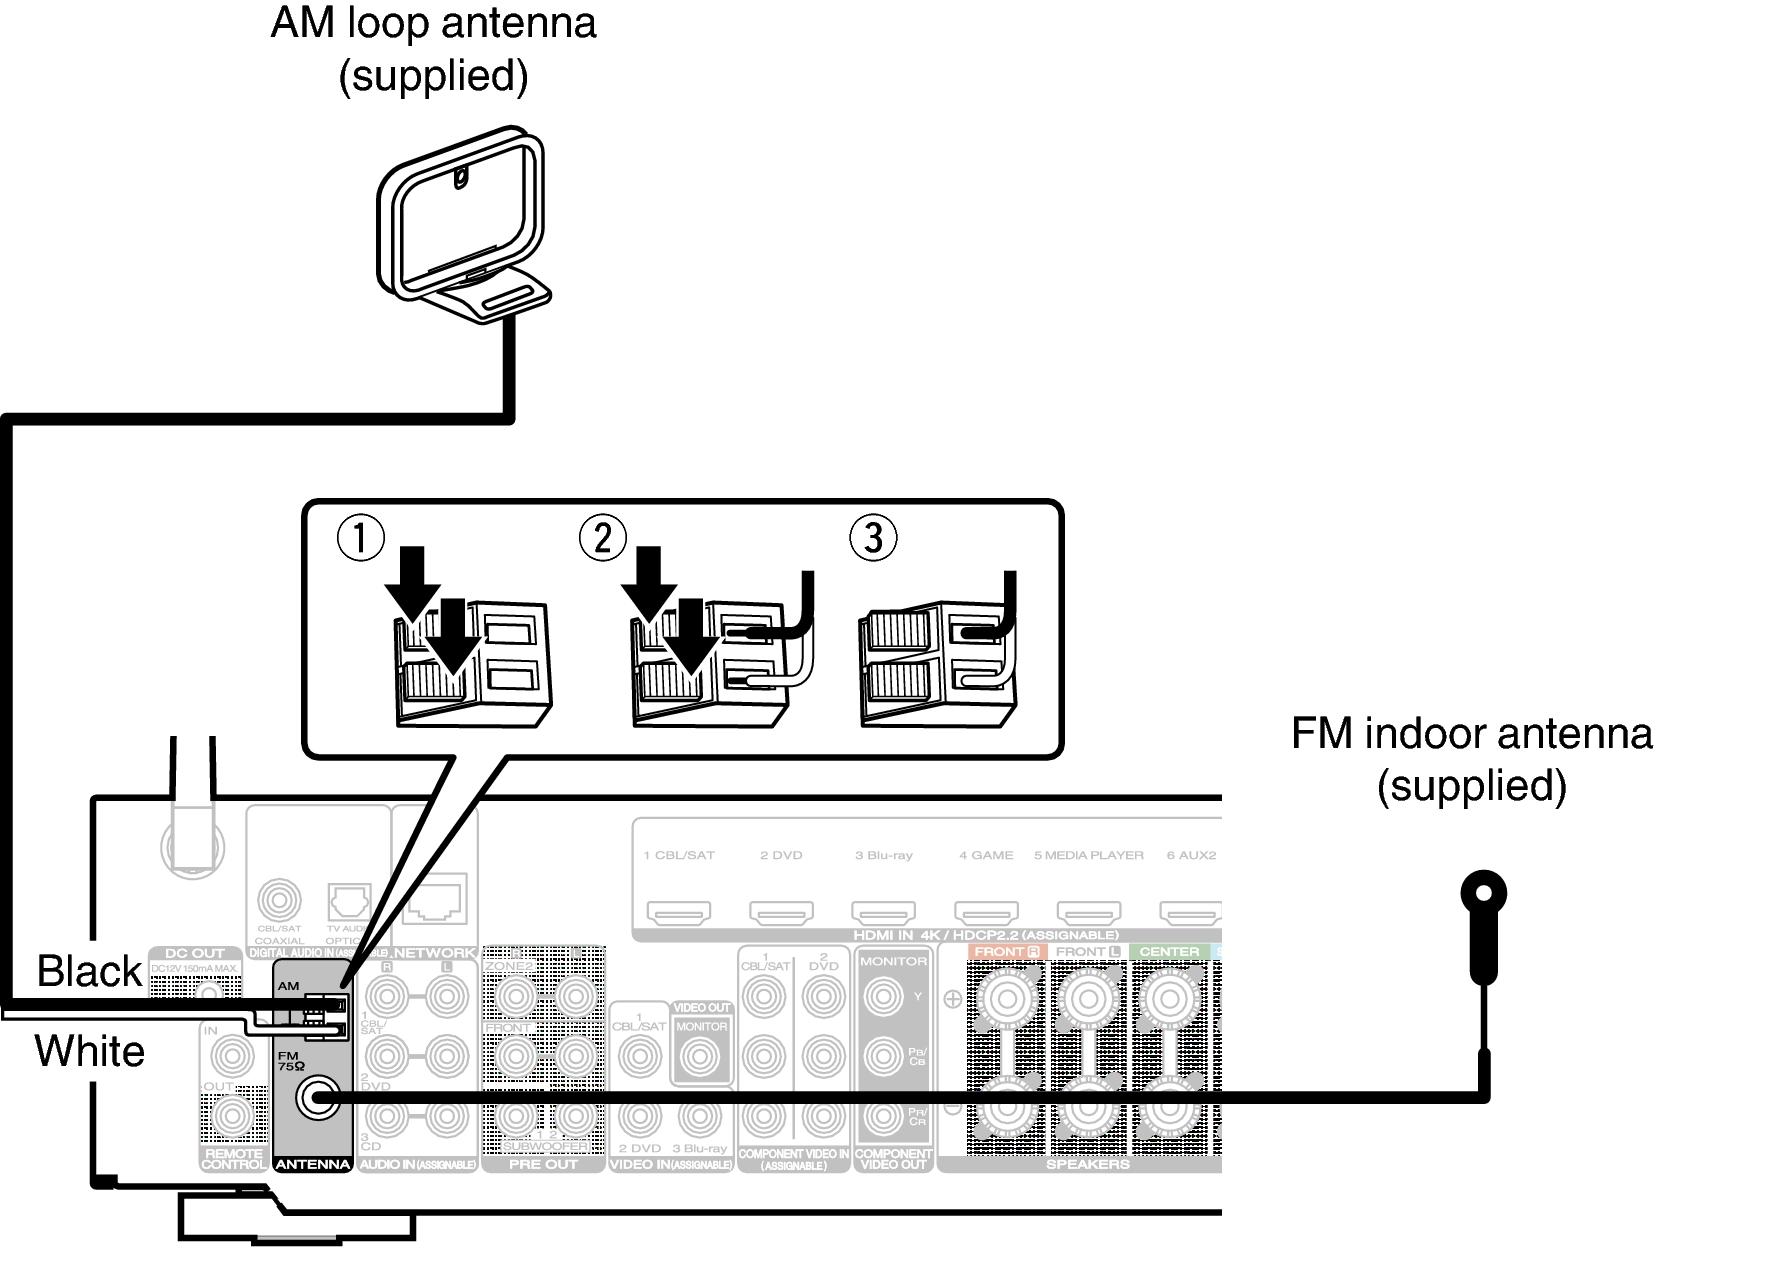 Antenna Connection Diagram